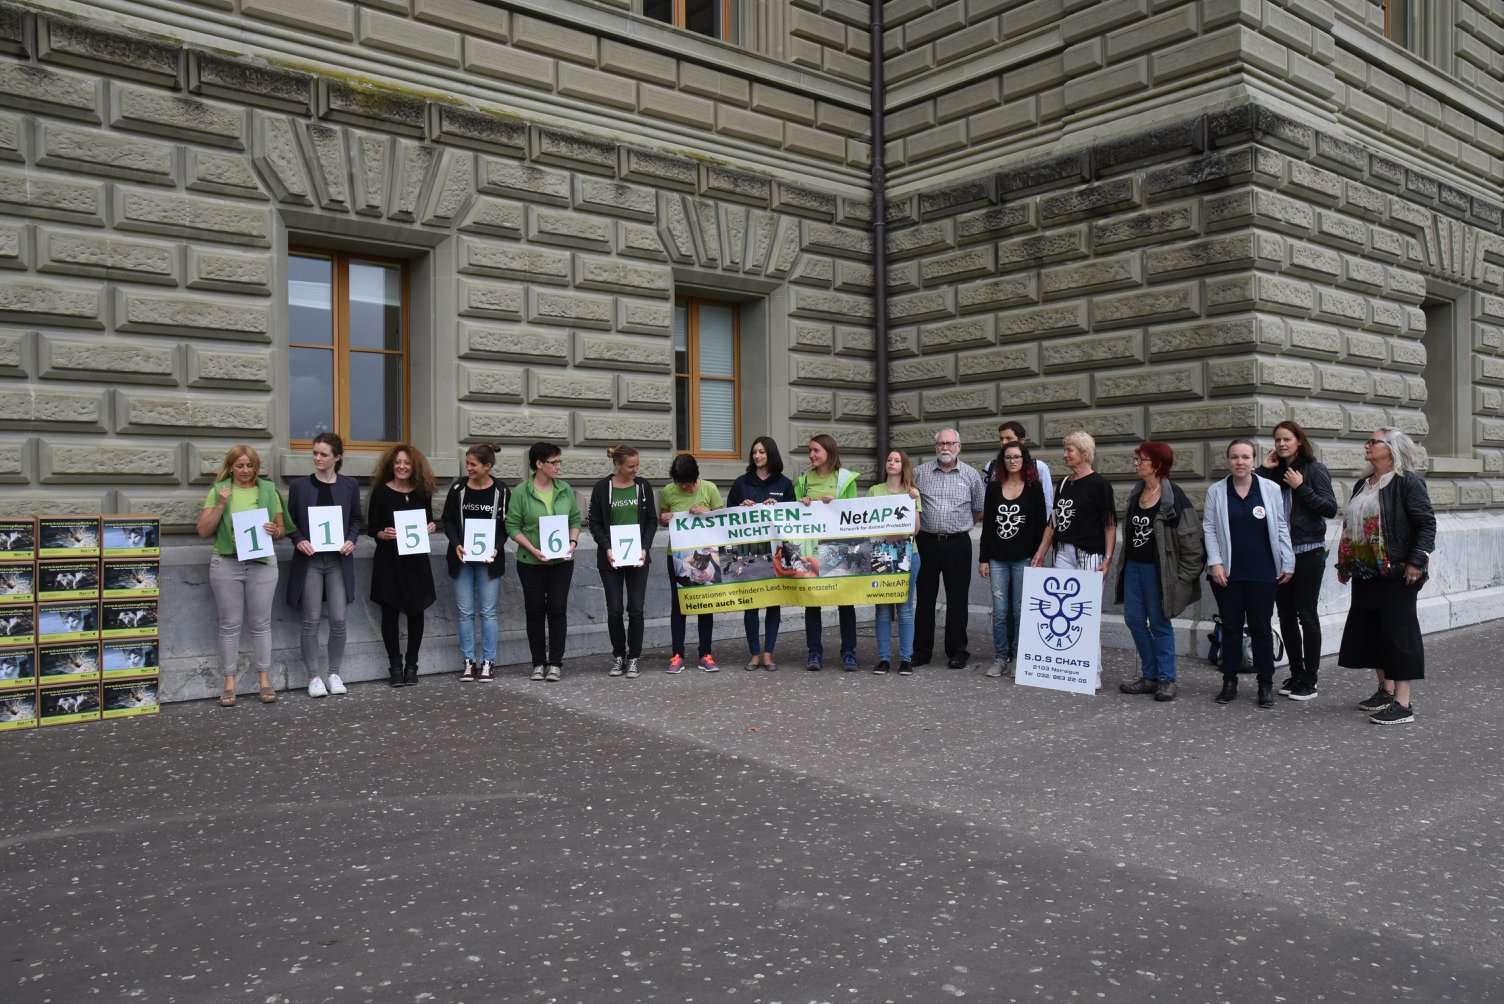 On voit les organisateurs de la campagne: NetAp et Tier im Recht et des Vier Pfoten, Pro Tier de Zürich,un groupe vegi et nous (Edith, Aurore, André et Tomi)